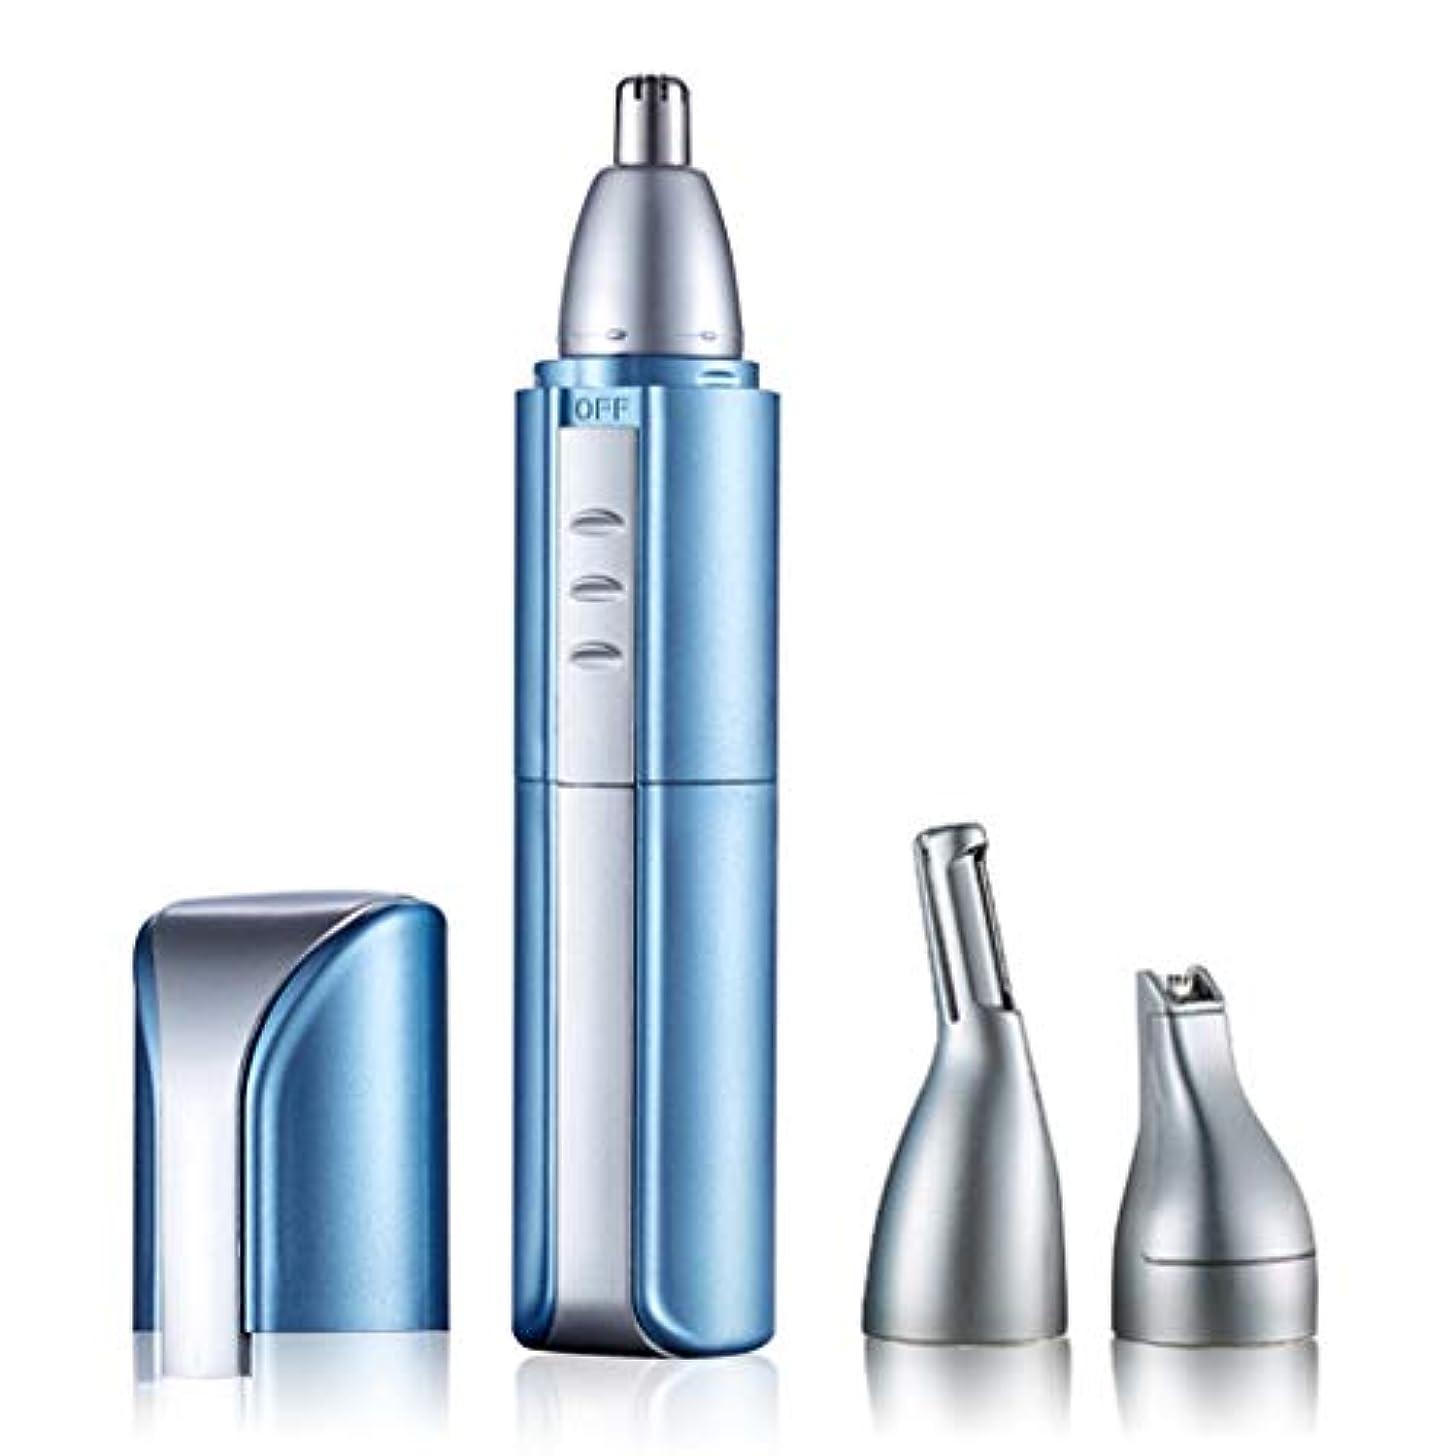 コショウ時間箱電動鼻毛トリマーメンズトリム鼻毛男性と女性のためのシェーバー鼻、角、ひげ、眉毛などに適しています。,Blue